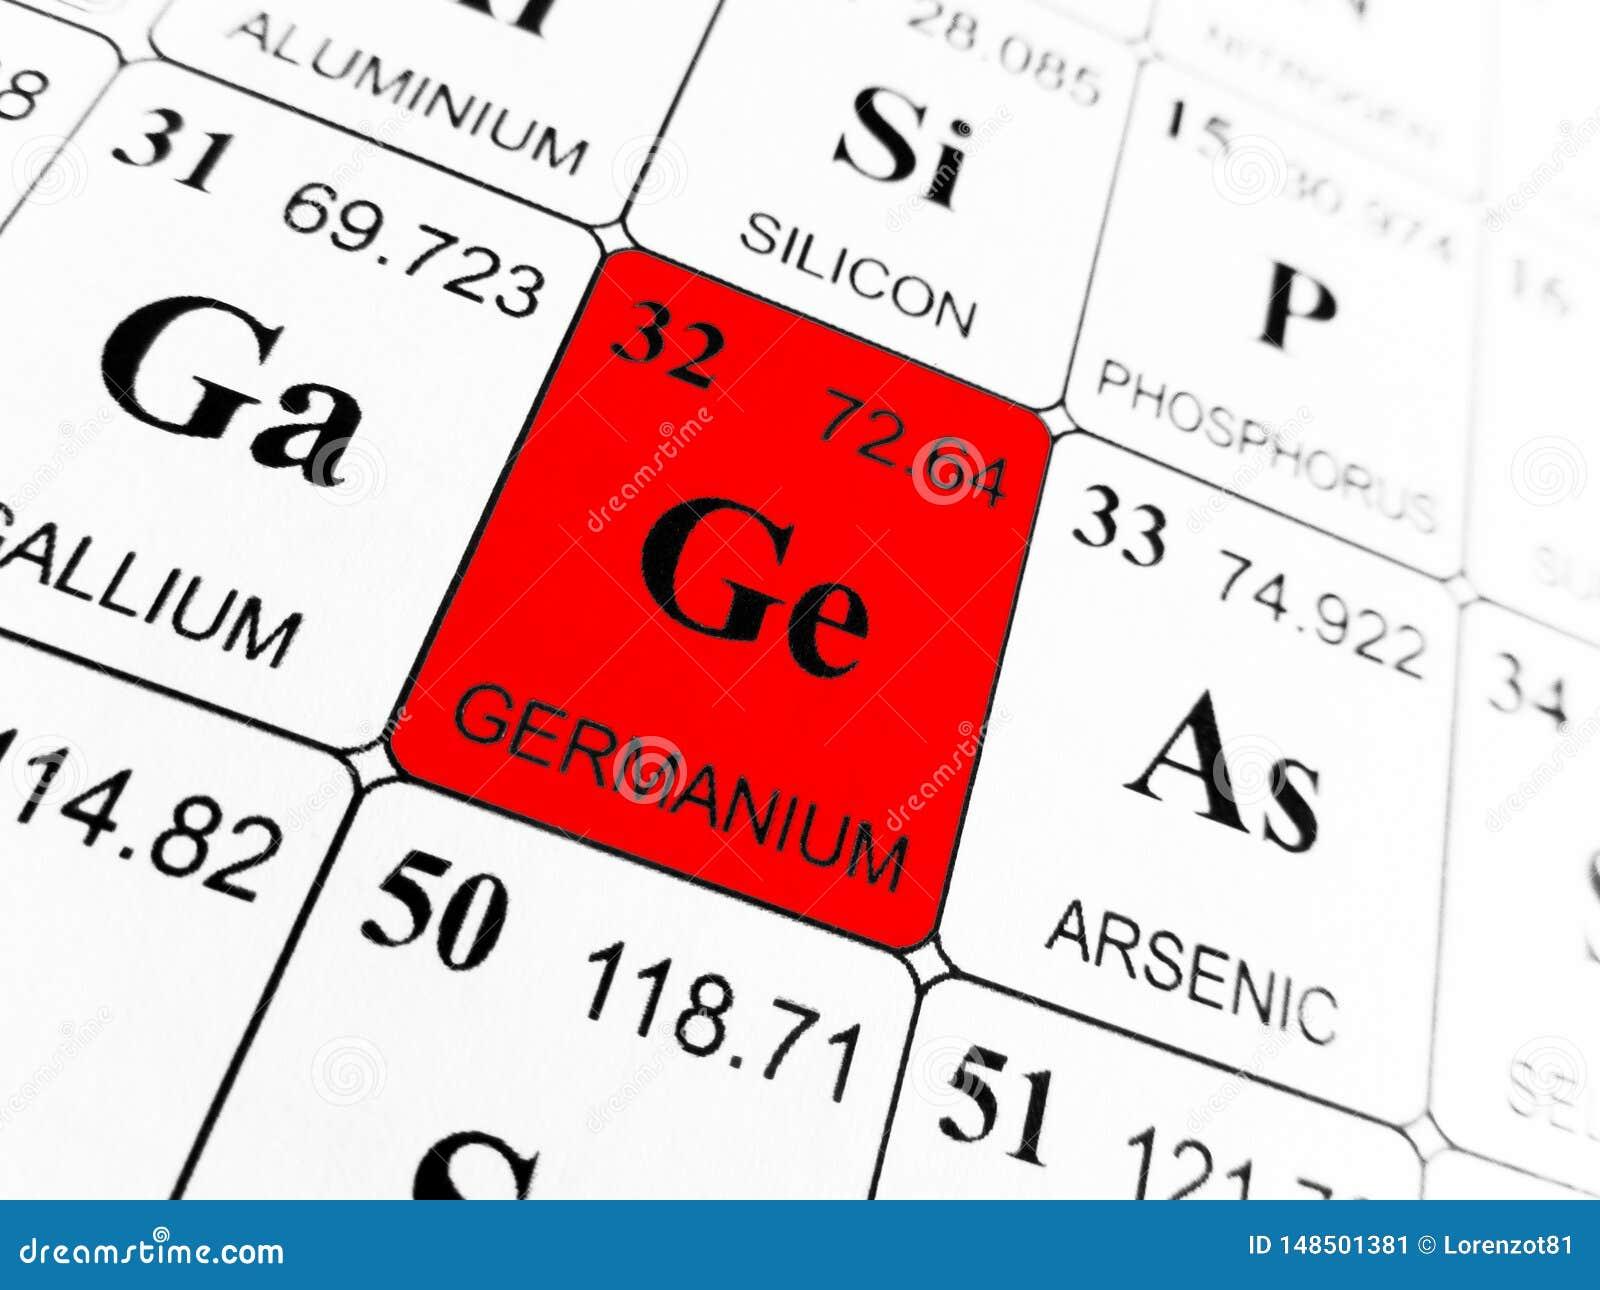 Germanium op de periodieke lijst van de elementen